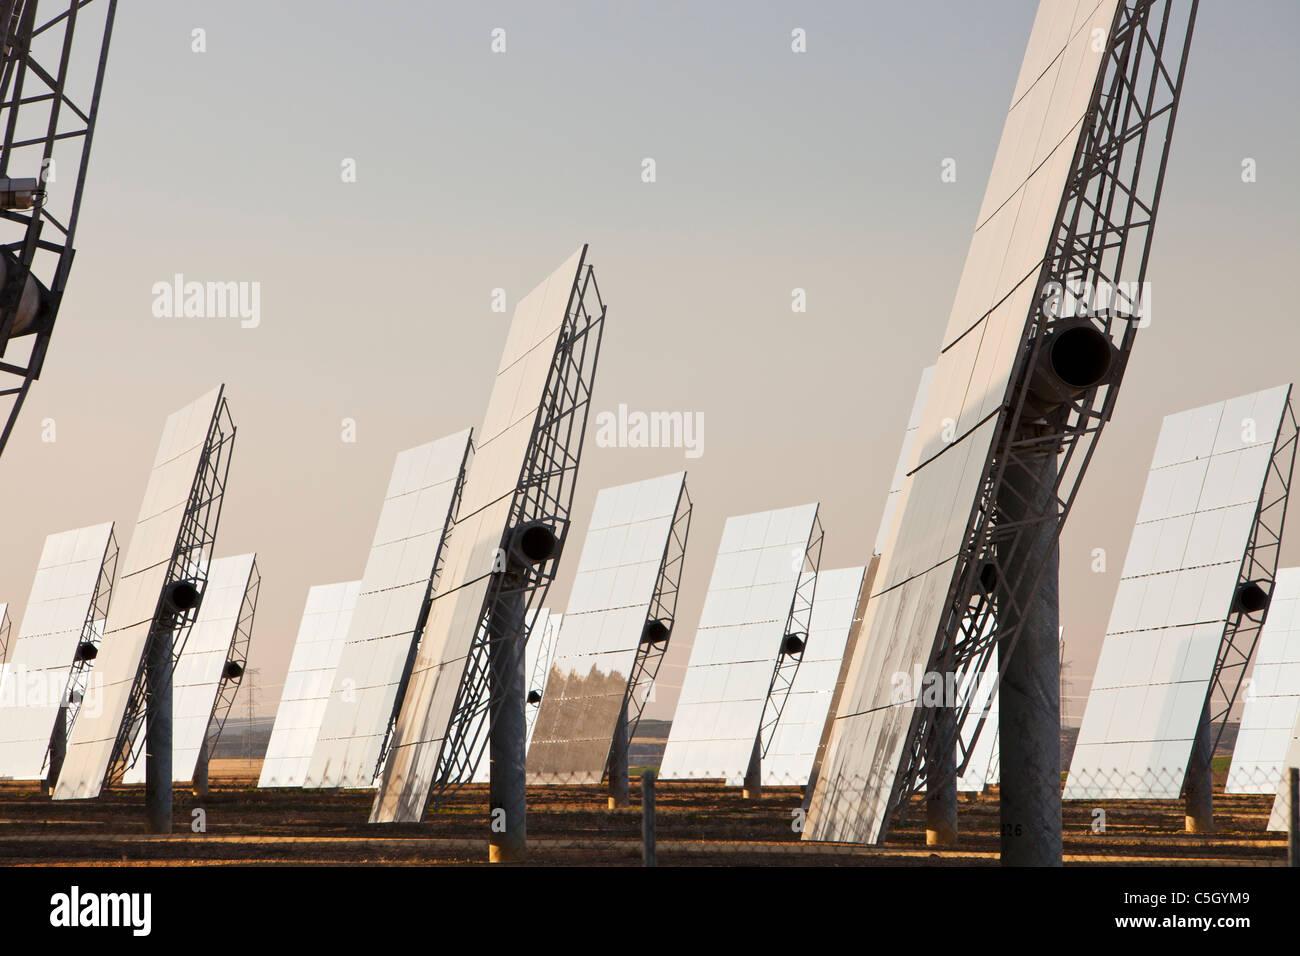 Une partie de l'Eurostars Grand Marina complexe solaire administré par Abengoa, de l'énergie dans Photo Stock